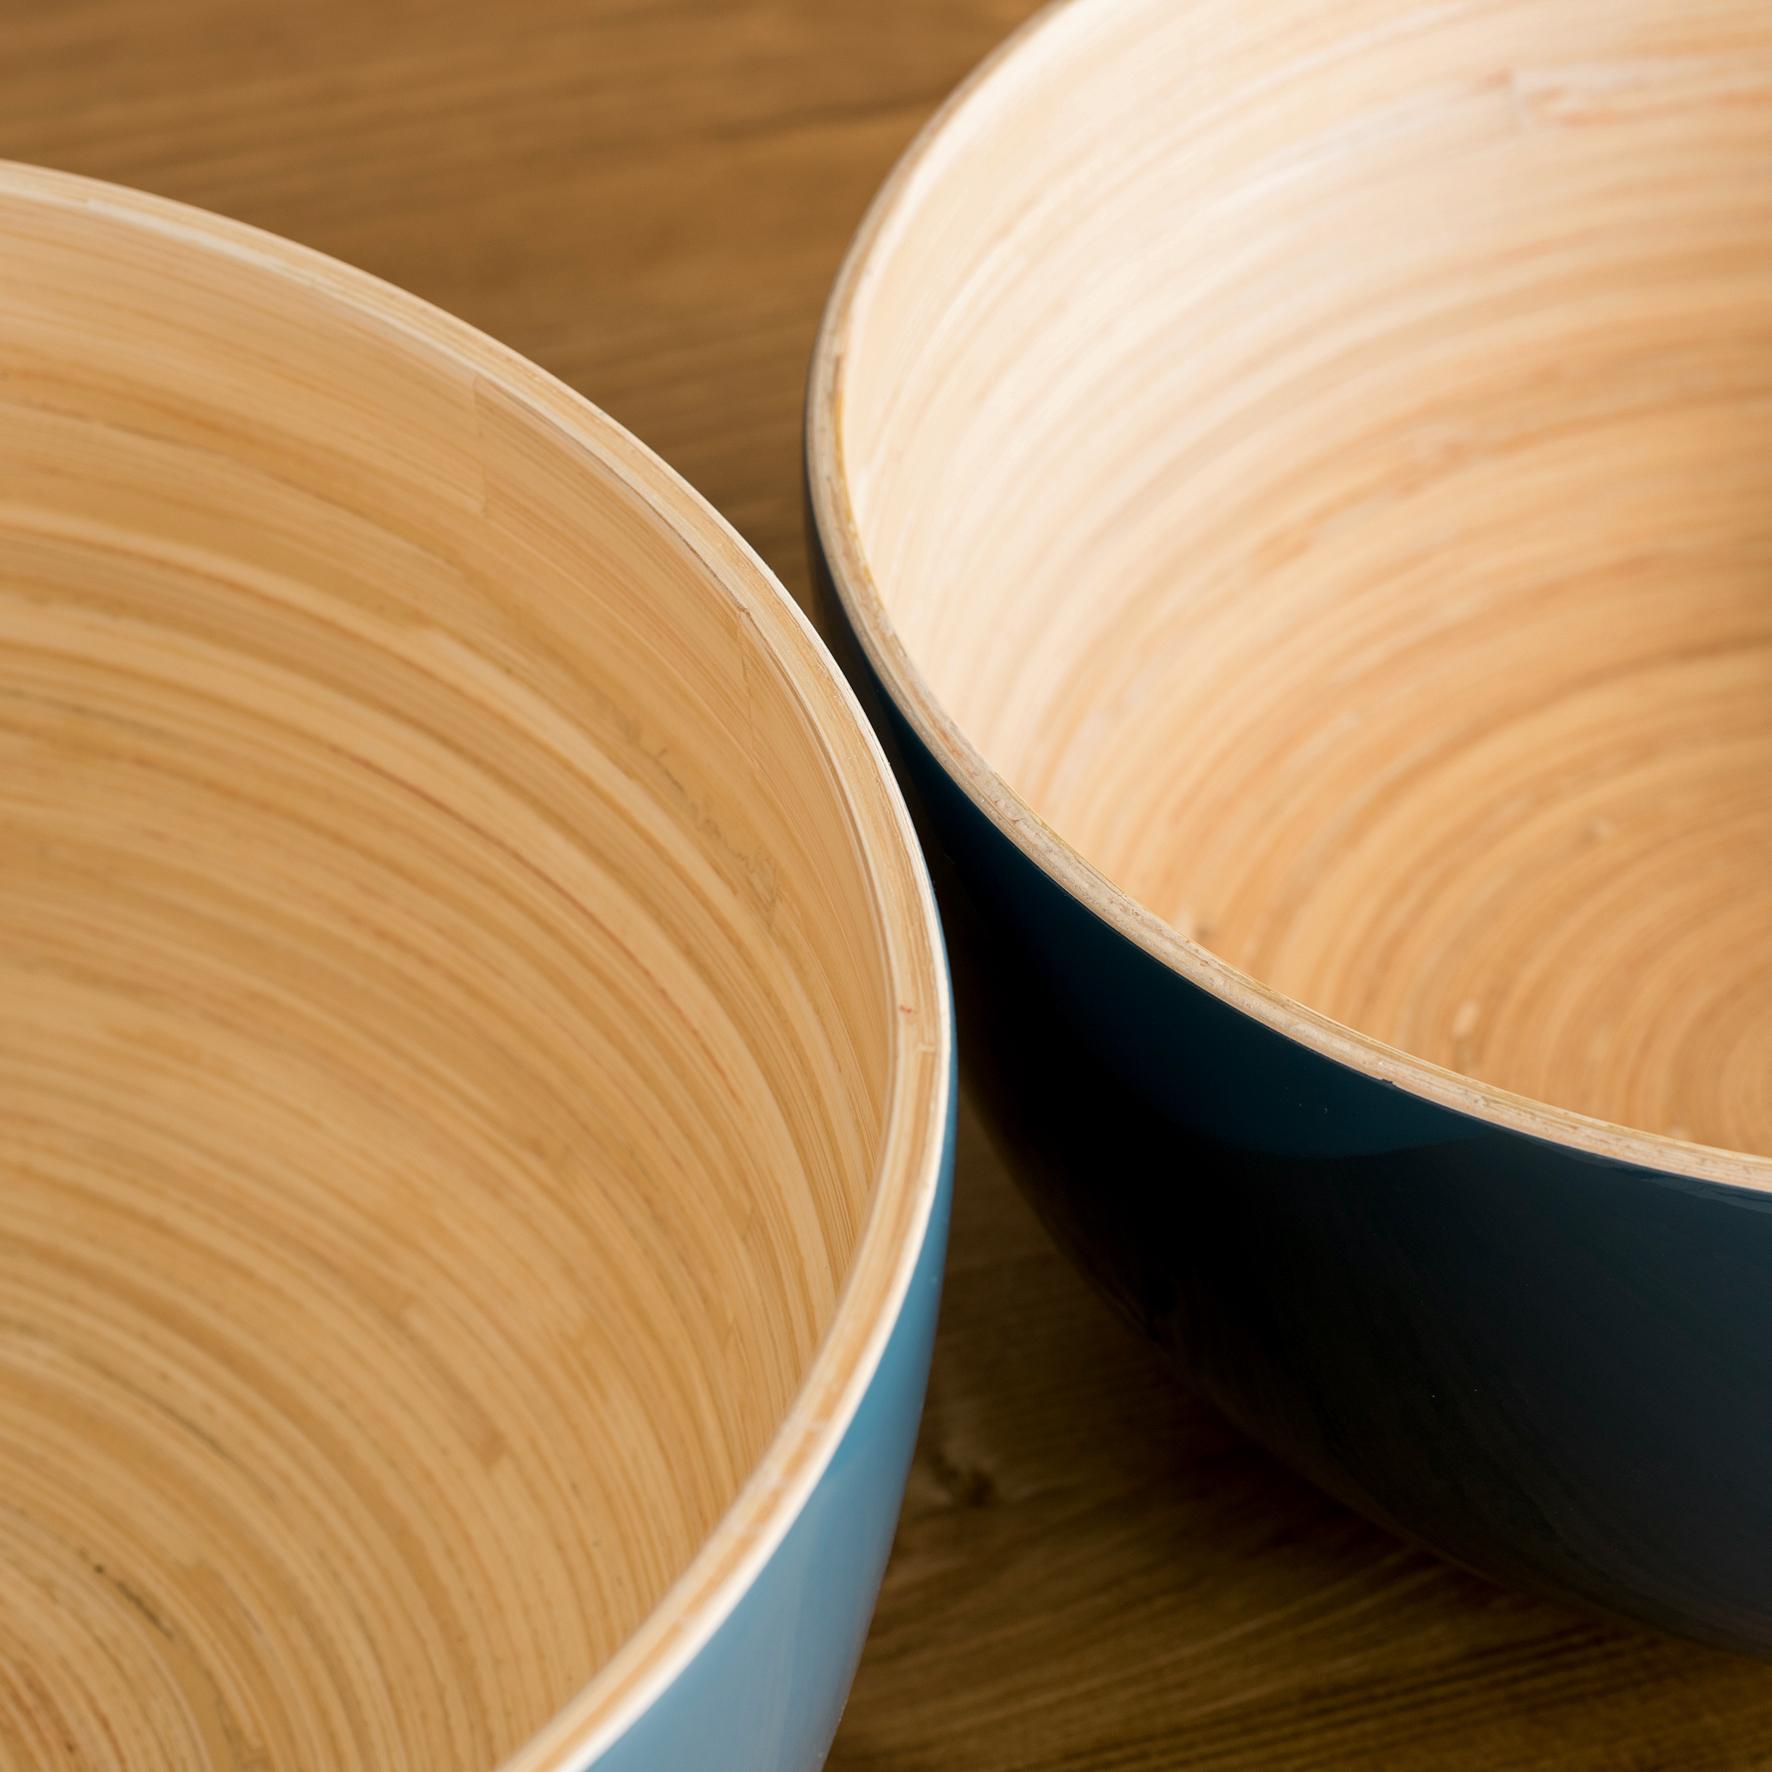 Salatschussel Aus Bambus Torquato De